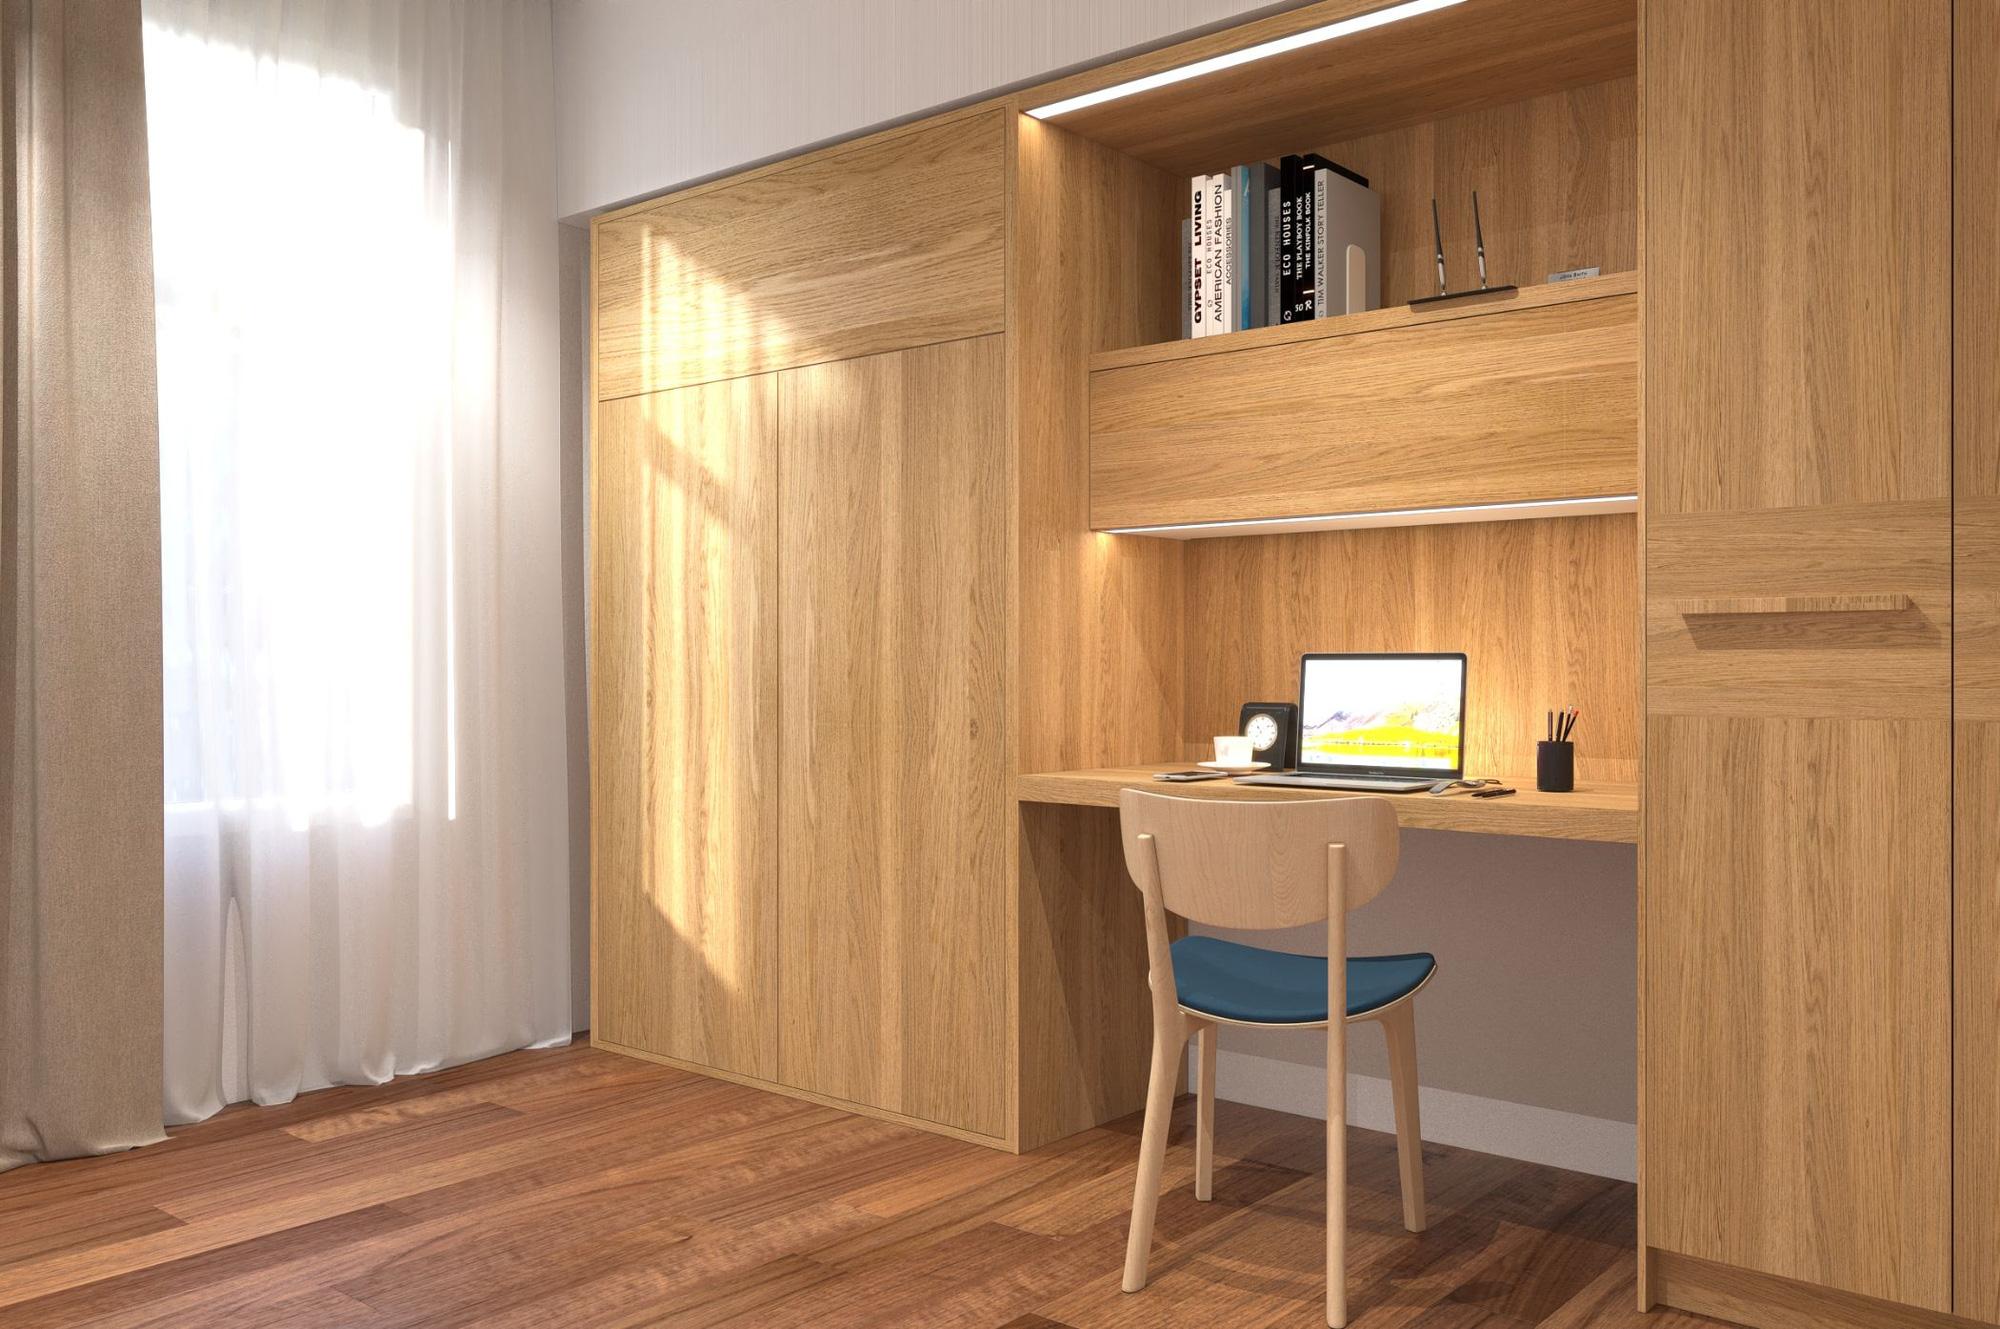 Bật mí 5 cách thiết kế đẹp và thông minh cho nhà nhỏ - Ảnh 4.